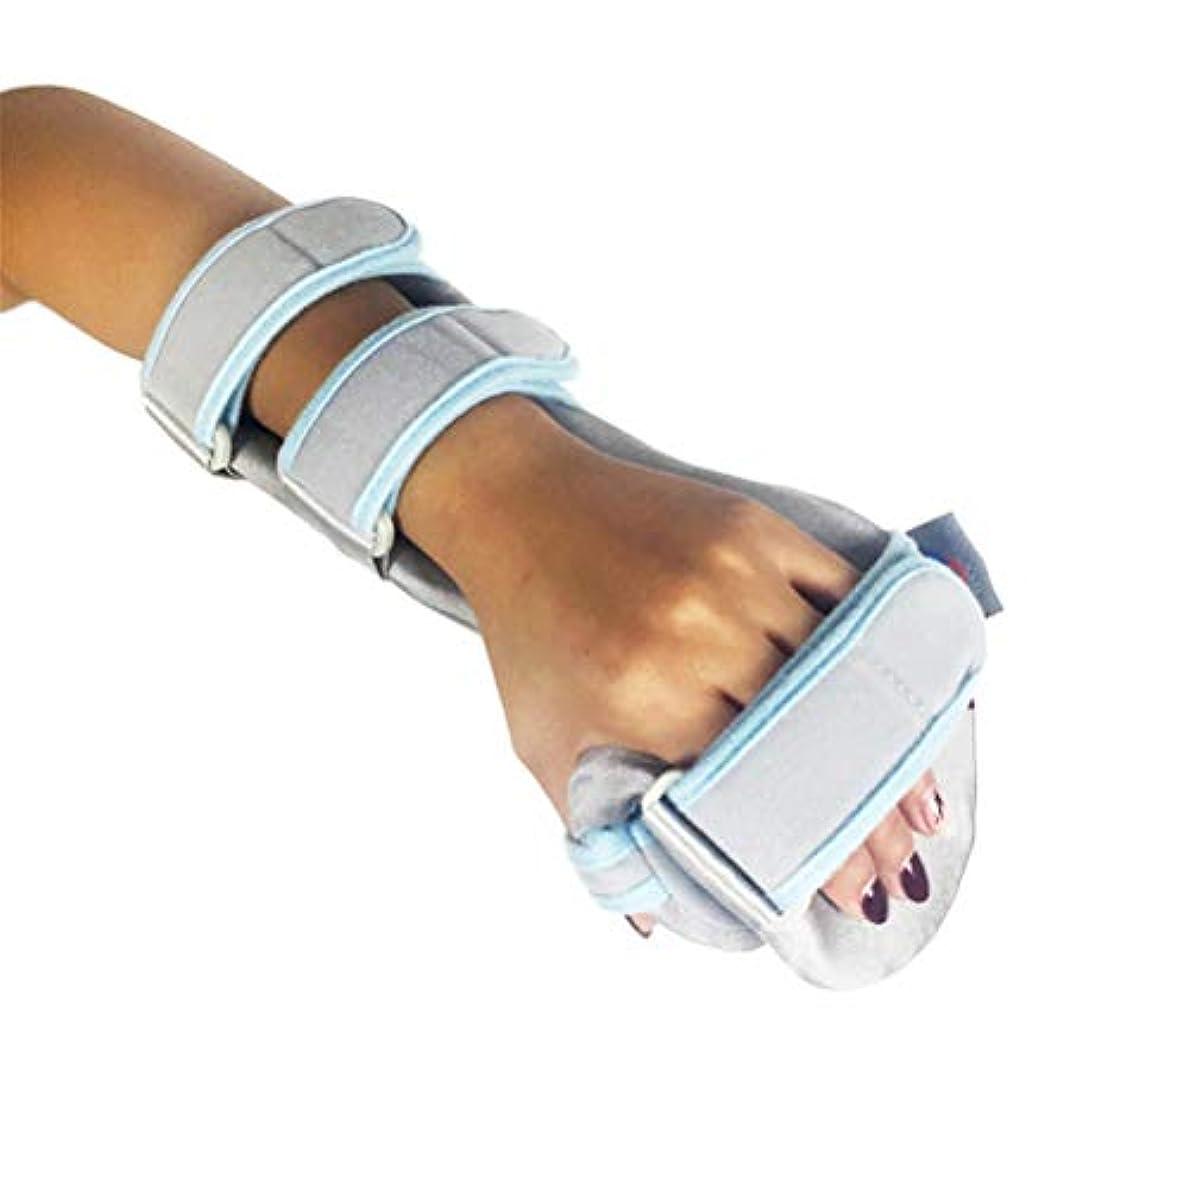 慢イタリアの匹敵しますHEALIFTY 指スプリントフィンガー手首骨折固定足場用腱腱炎腱炎骨折関節炎転位(右手)